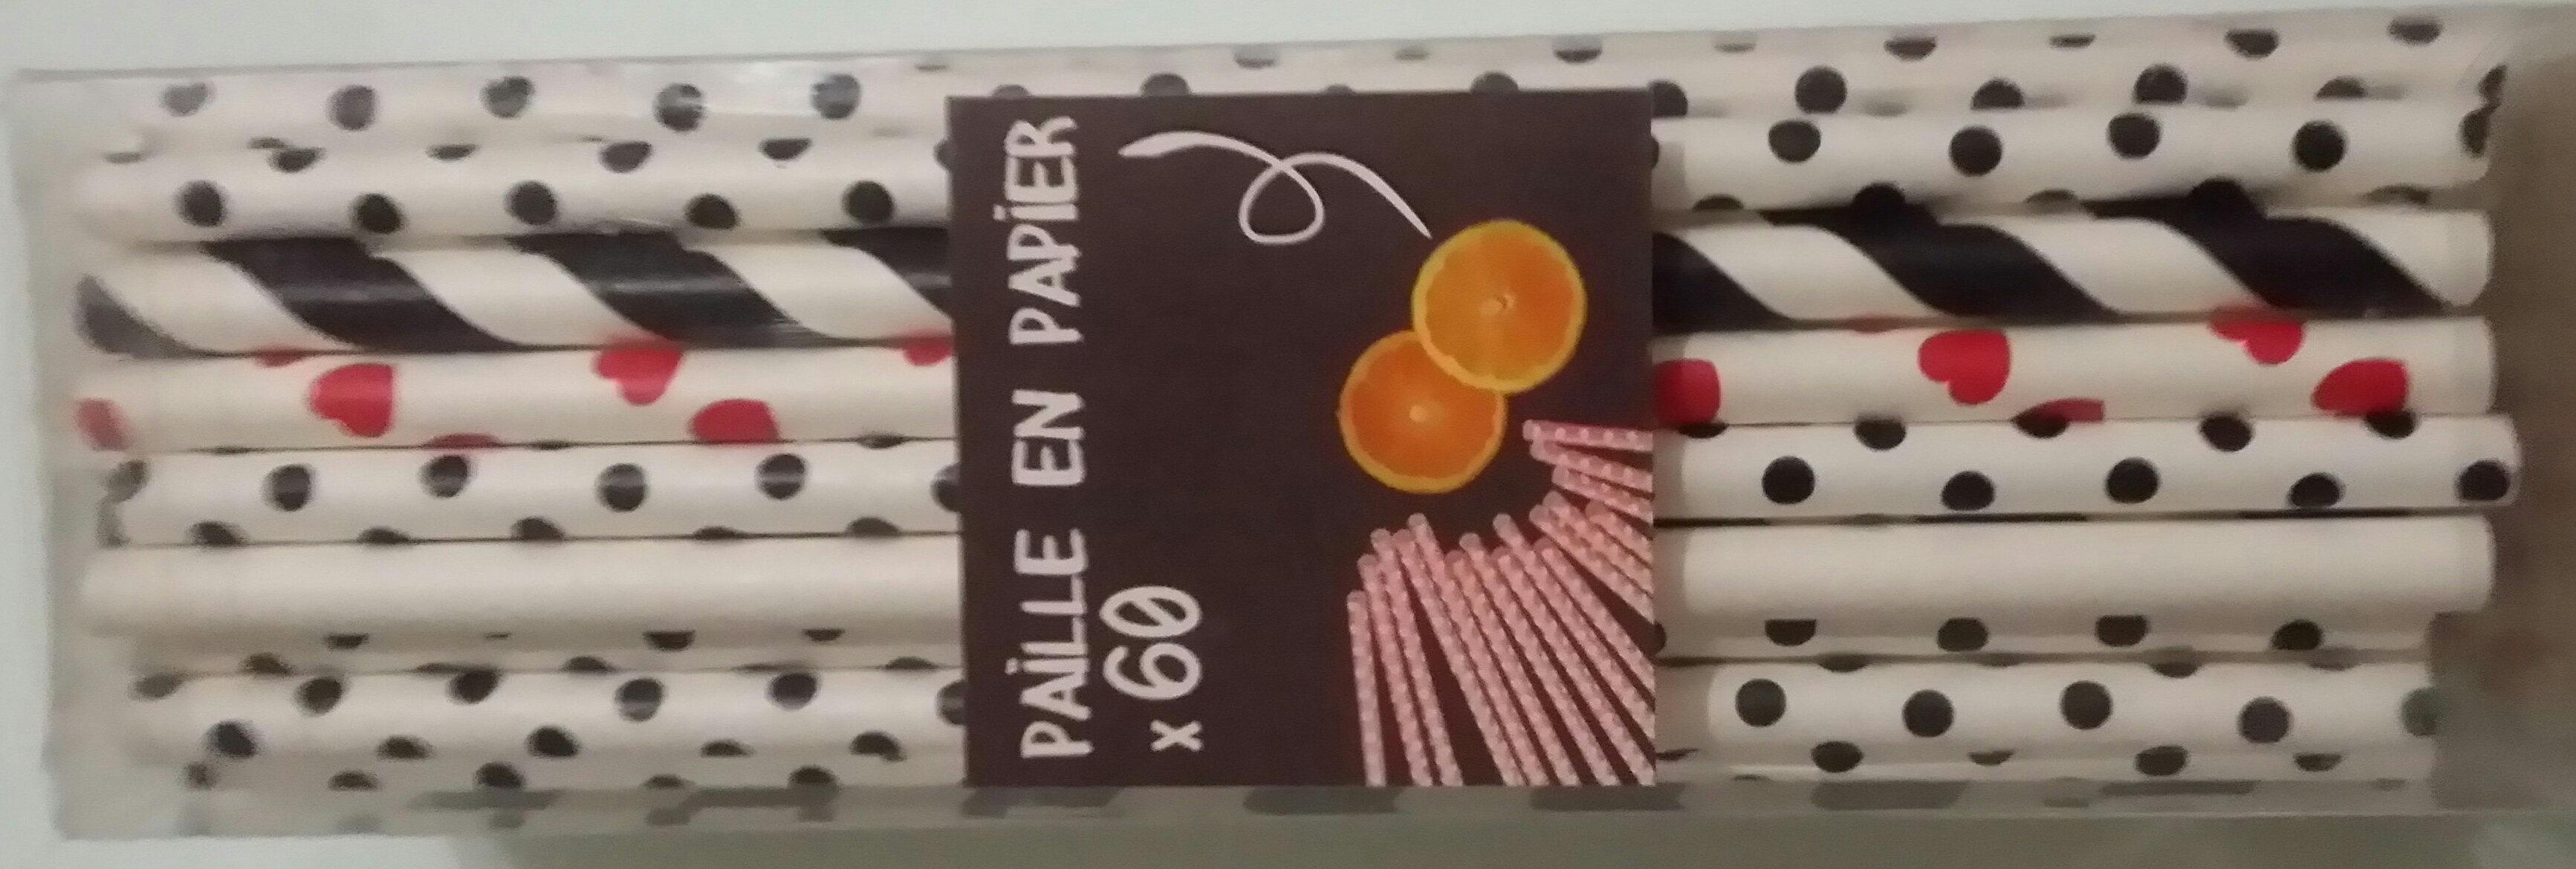 Paille en papier - Produit